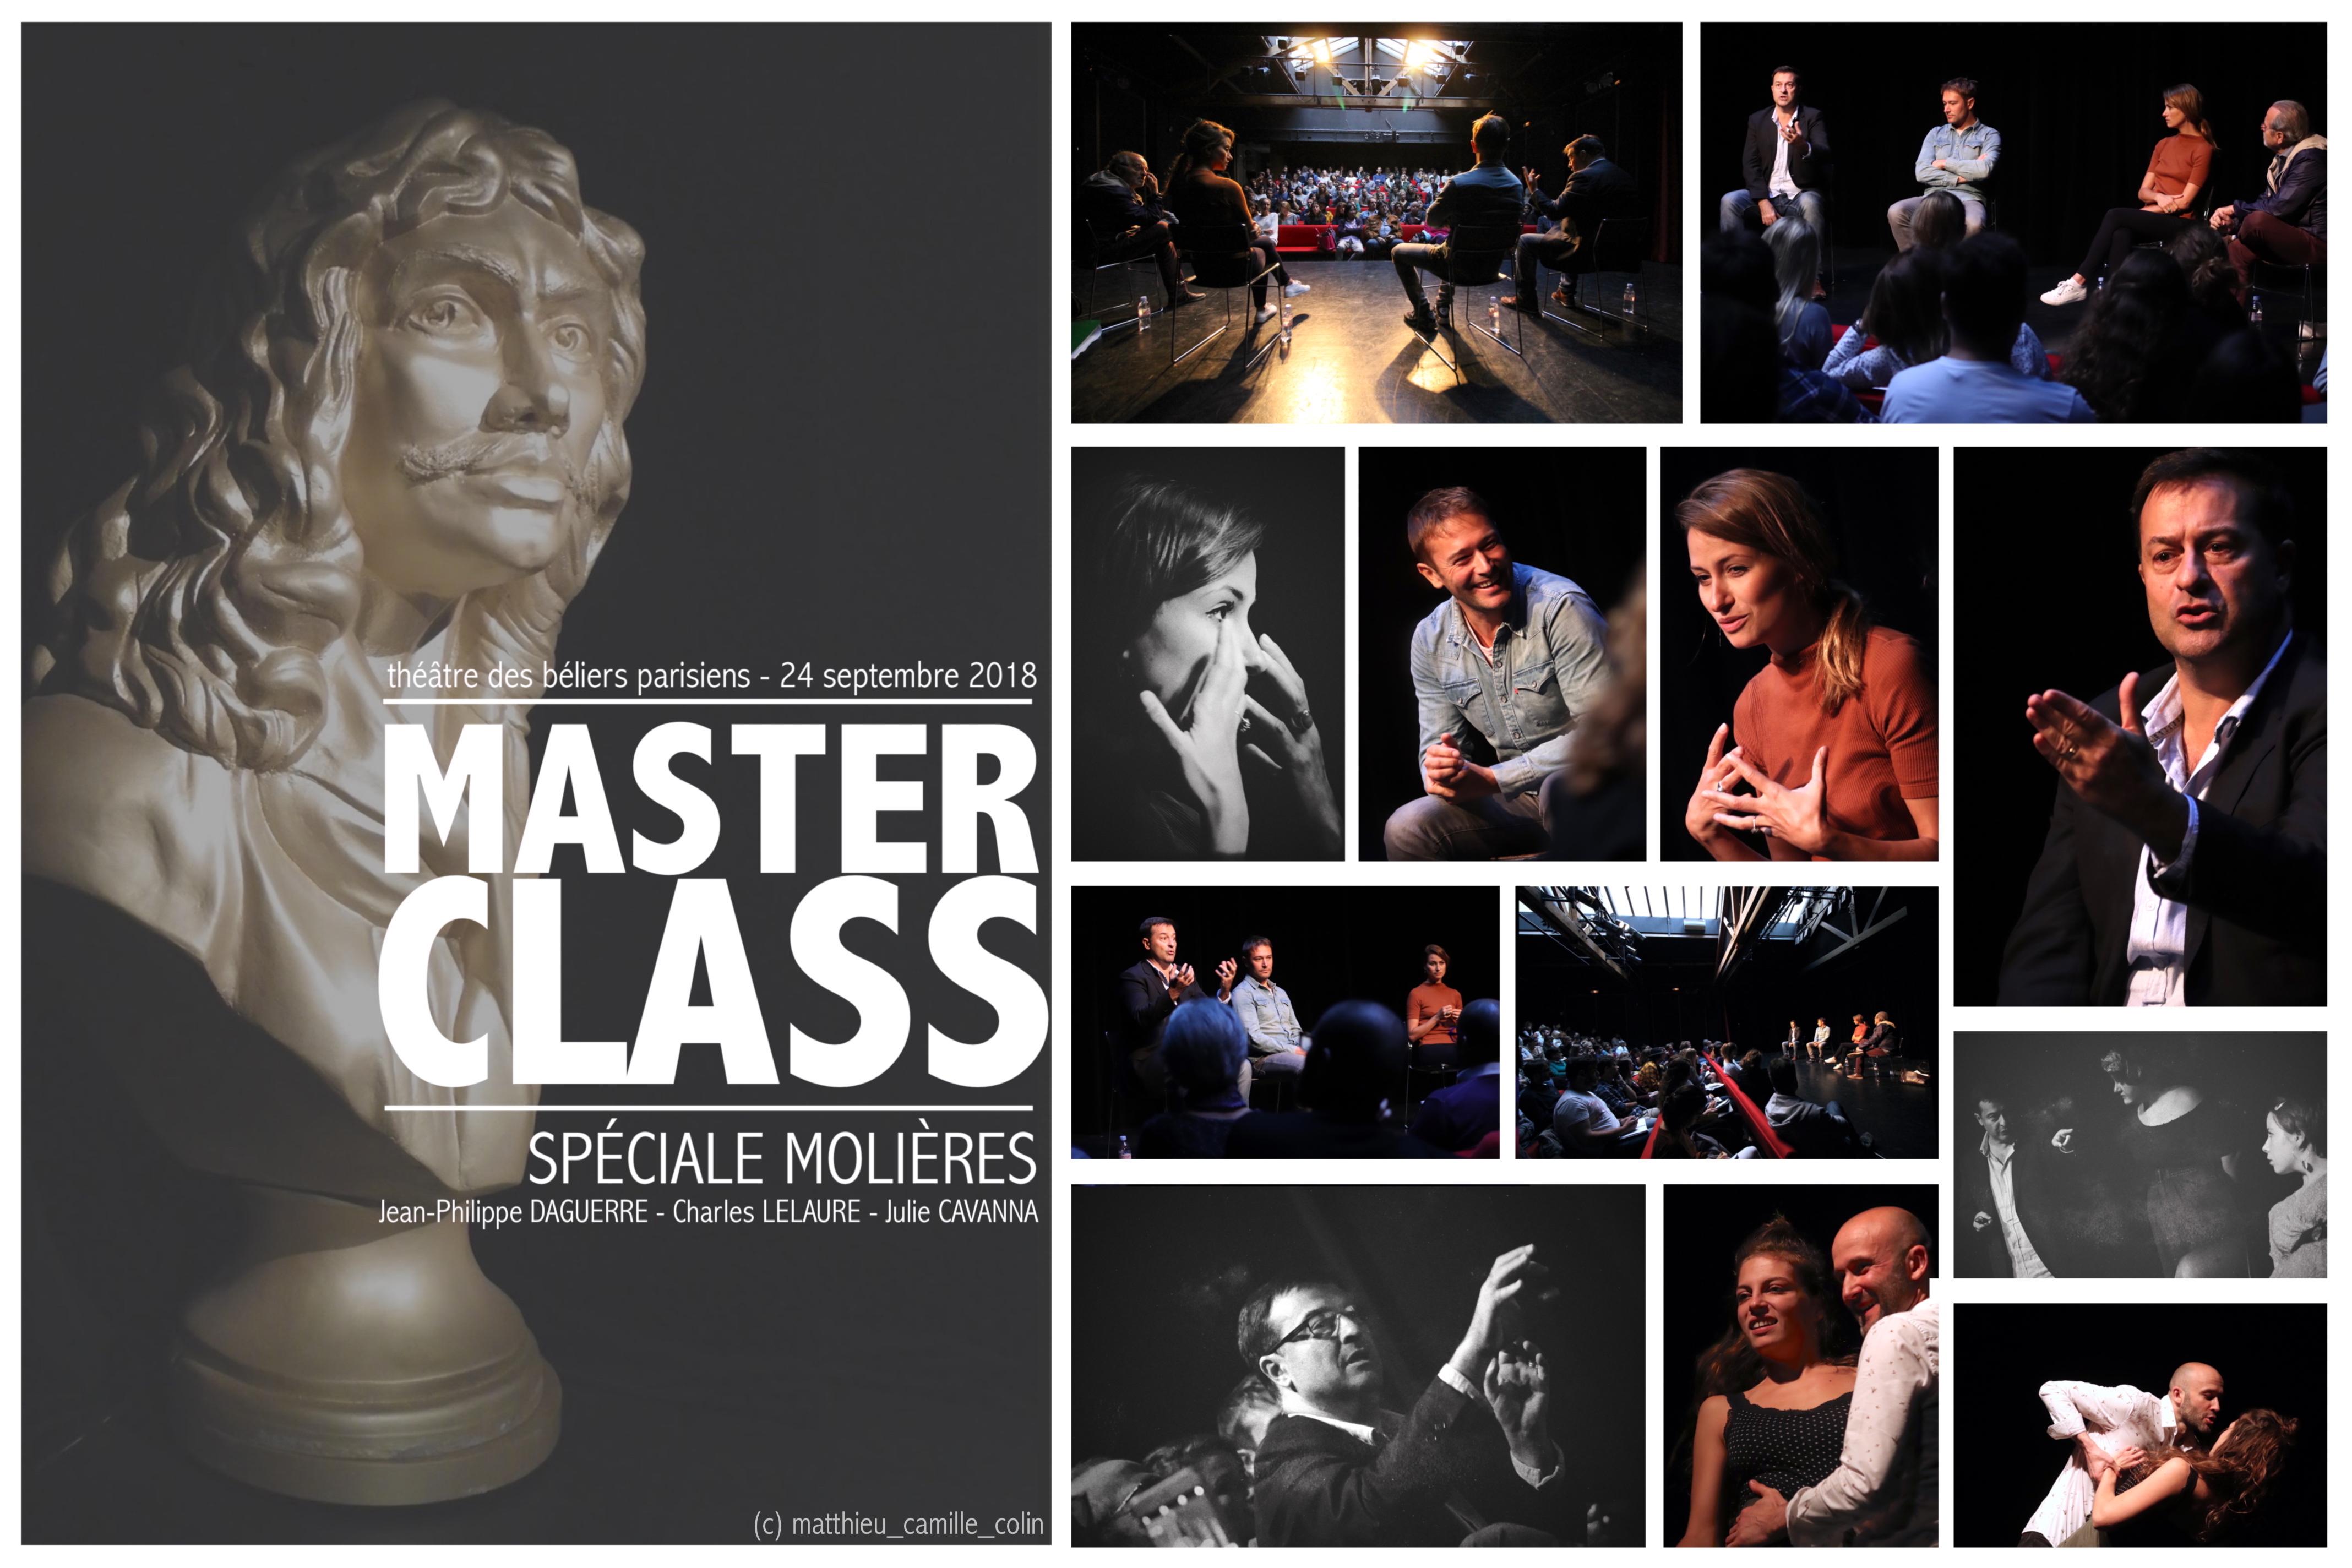 Master Class Spéciale Molières 2018